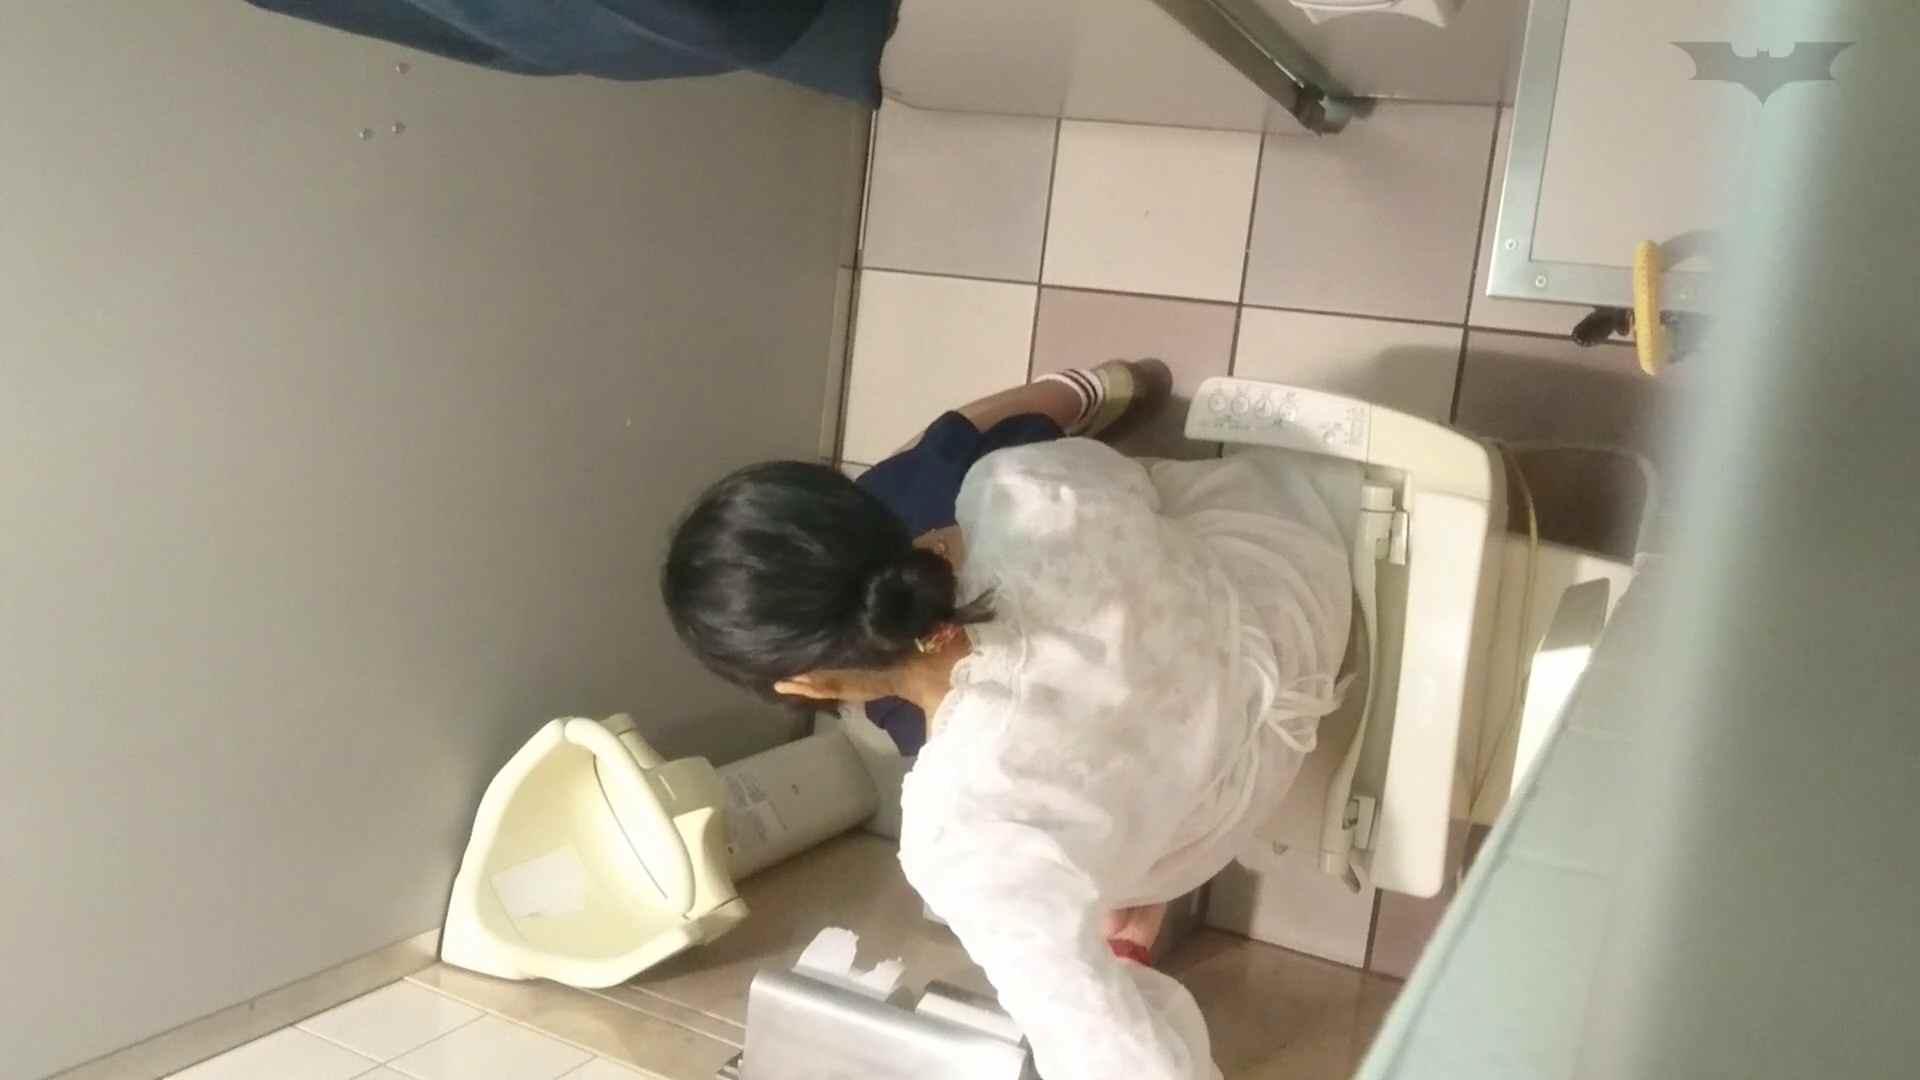 化粧室絵巻 ショッピングモール編 VOL.25 高評価 すけべAV動画紹介 94枚 80